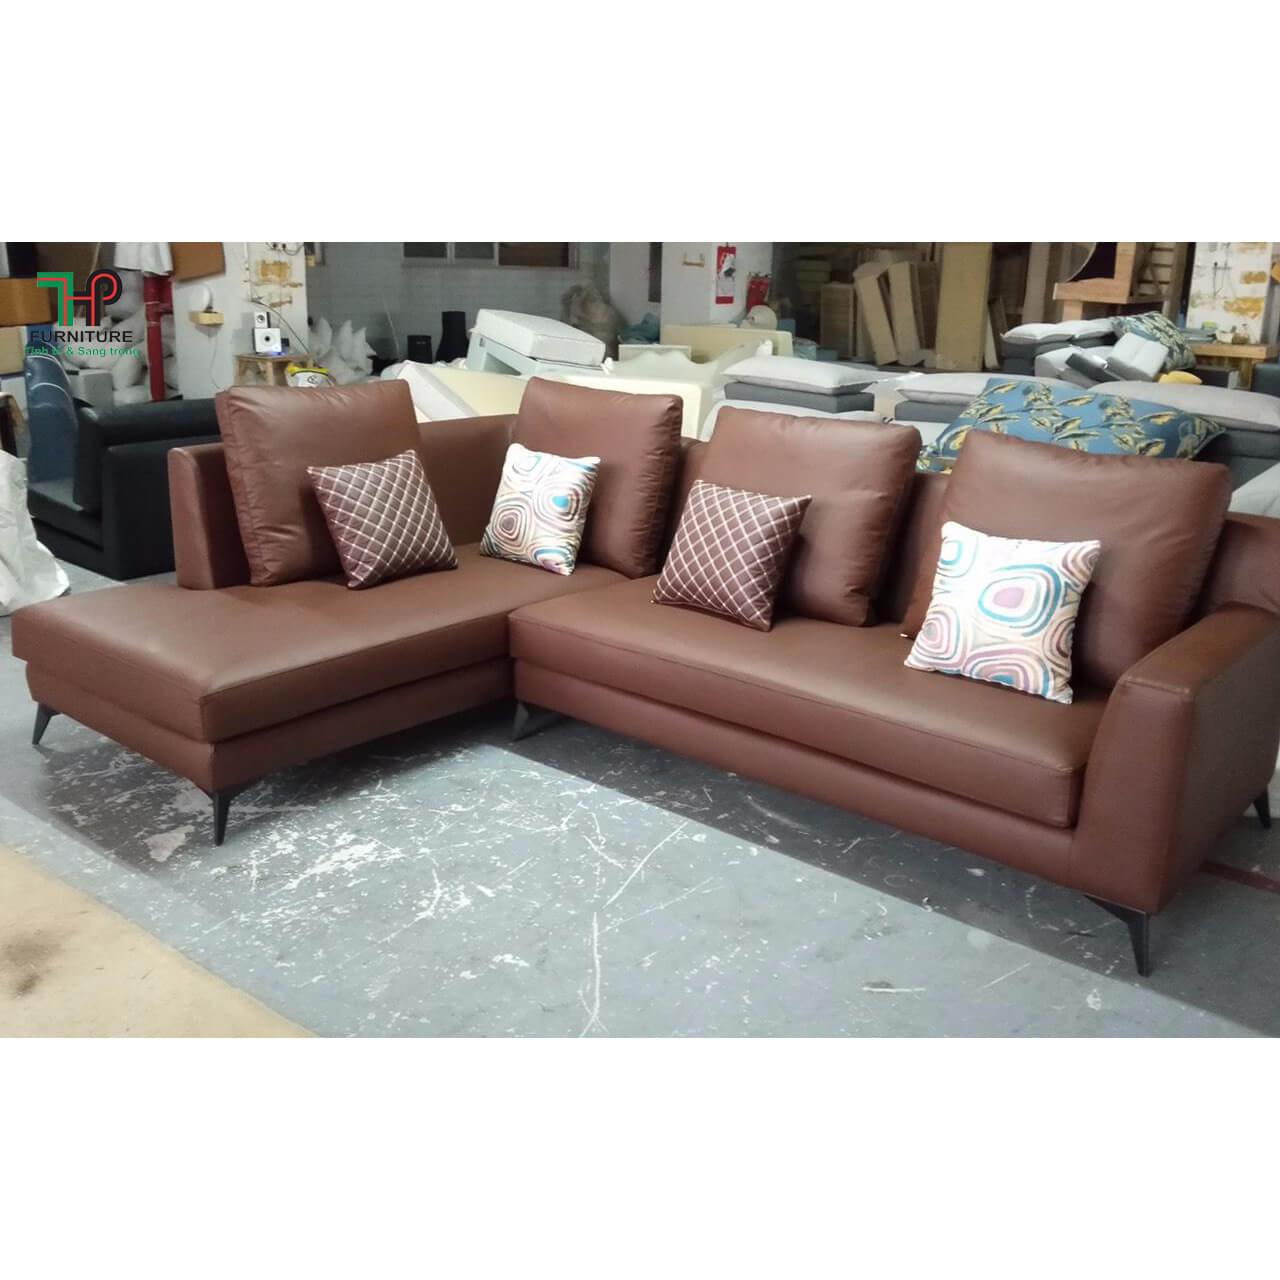 sofa-da-cao-cap-nhap-khau-tai-TPHCM.jpg